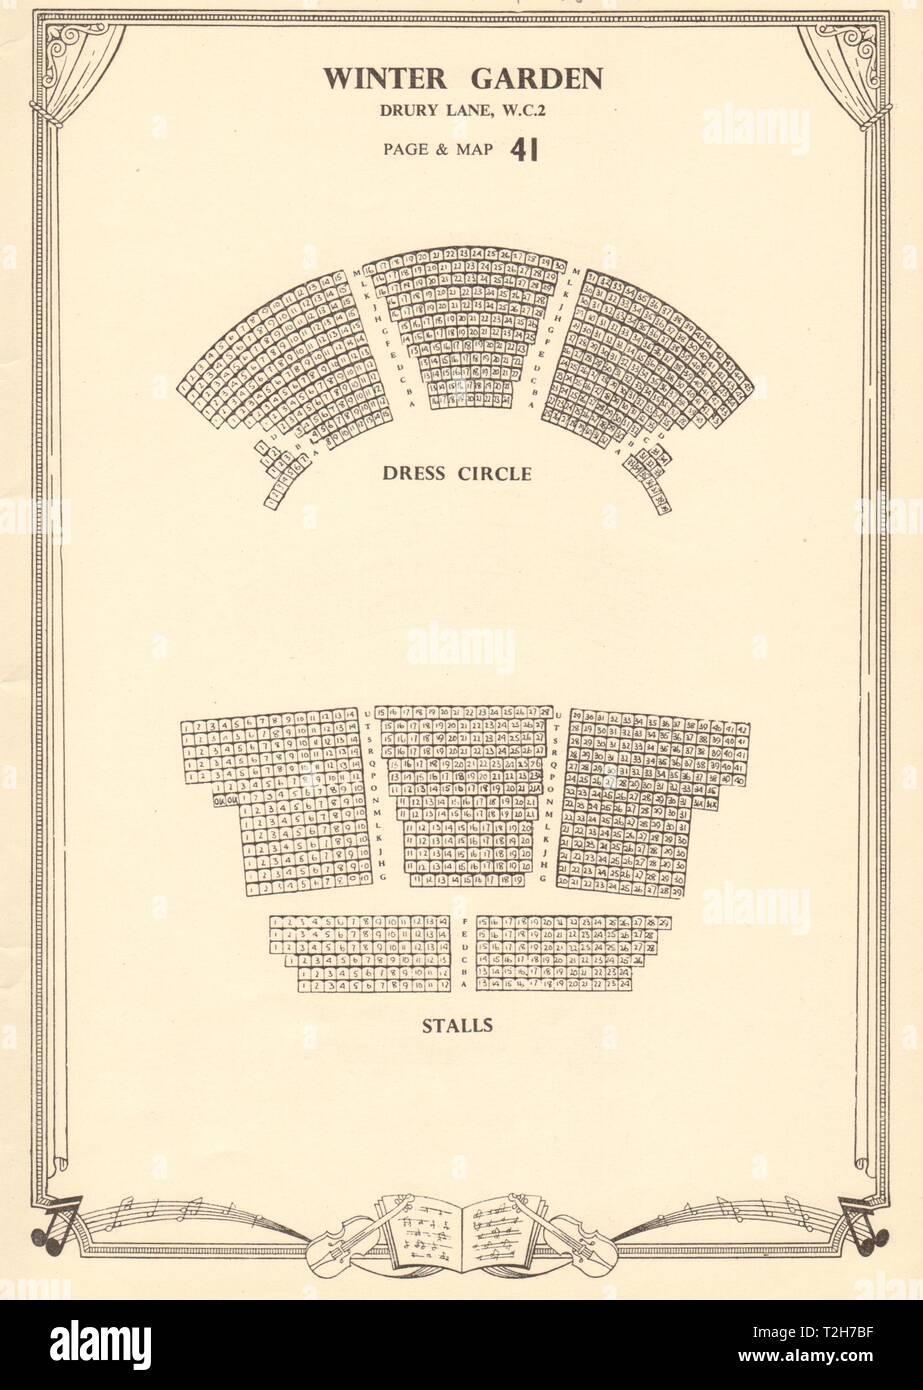 Winter Garden (Gillian Lynne) Theatre, Drury Lane. Vintage seating plan c1955 - Stock Image